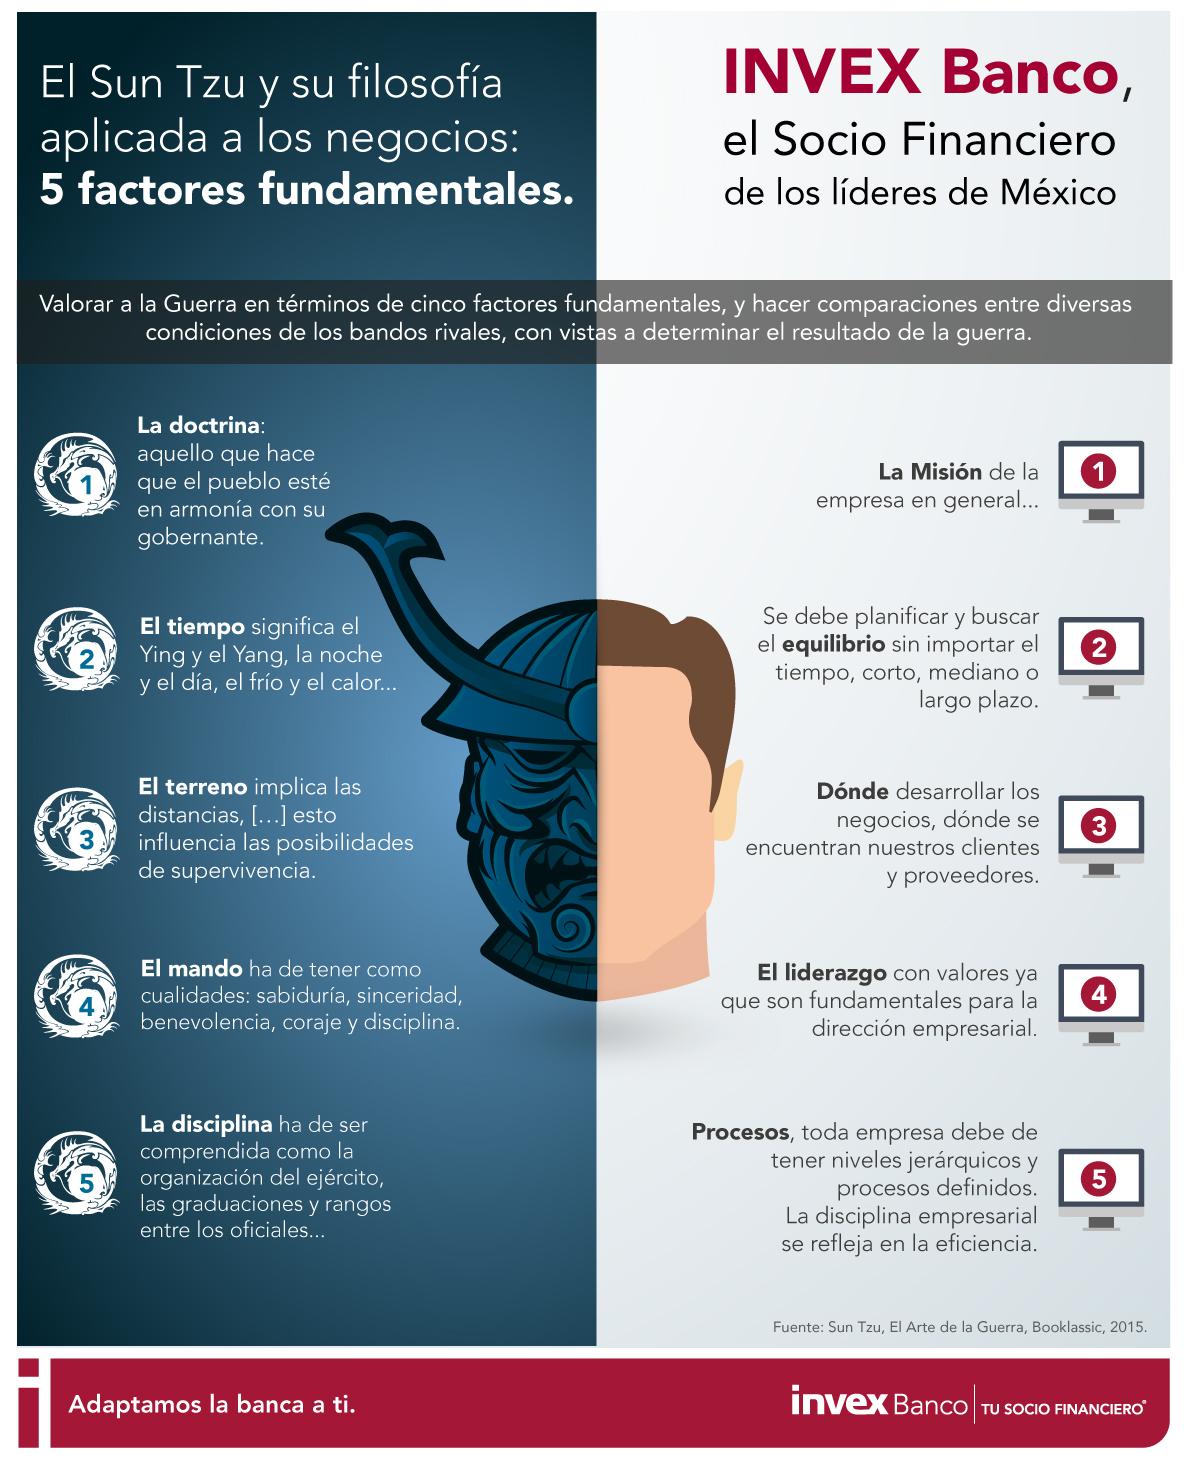 El Sun Tzu y su filosofía aplicada a los negocios: 5 factores fundamentales #infografia